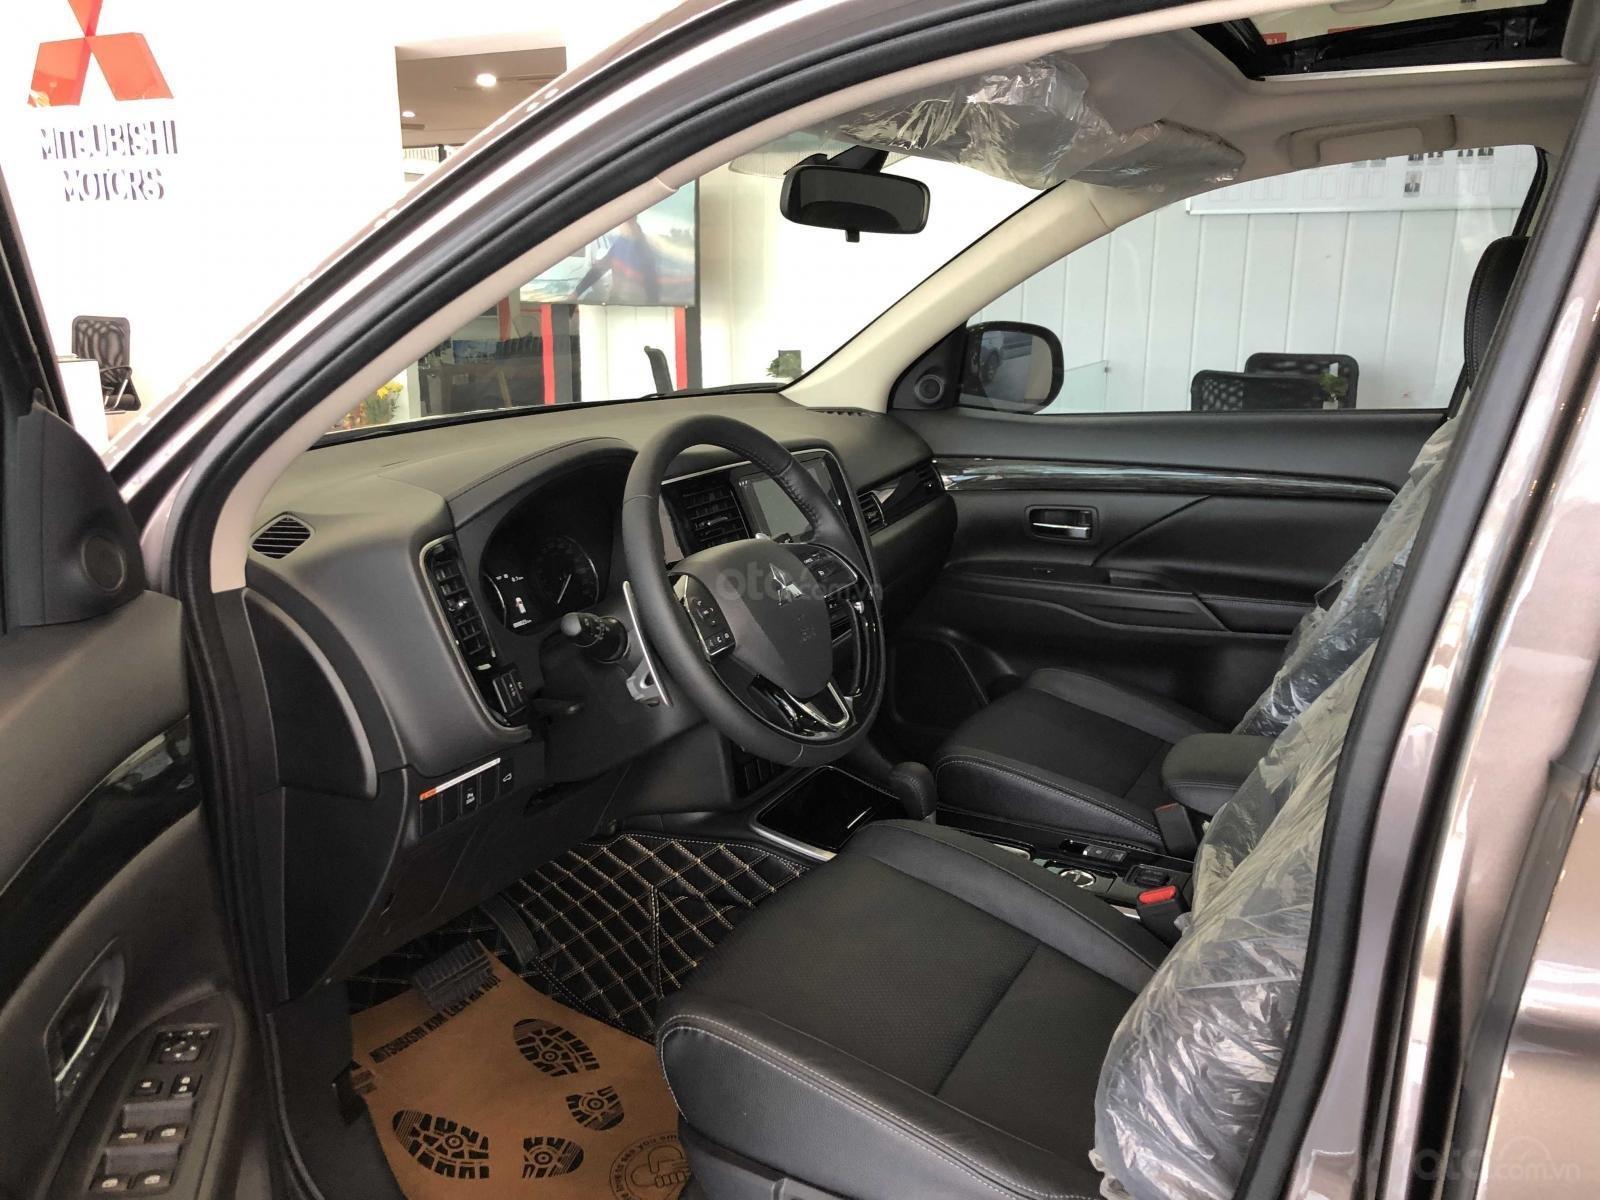 Bán xe Mitsubishi Outlander 2.4 CVT xe mới, giá siêu sốc (9)